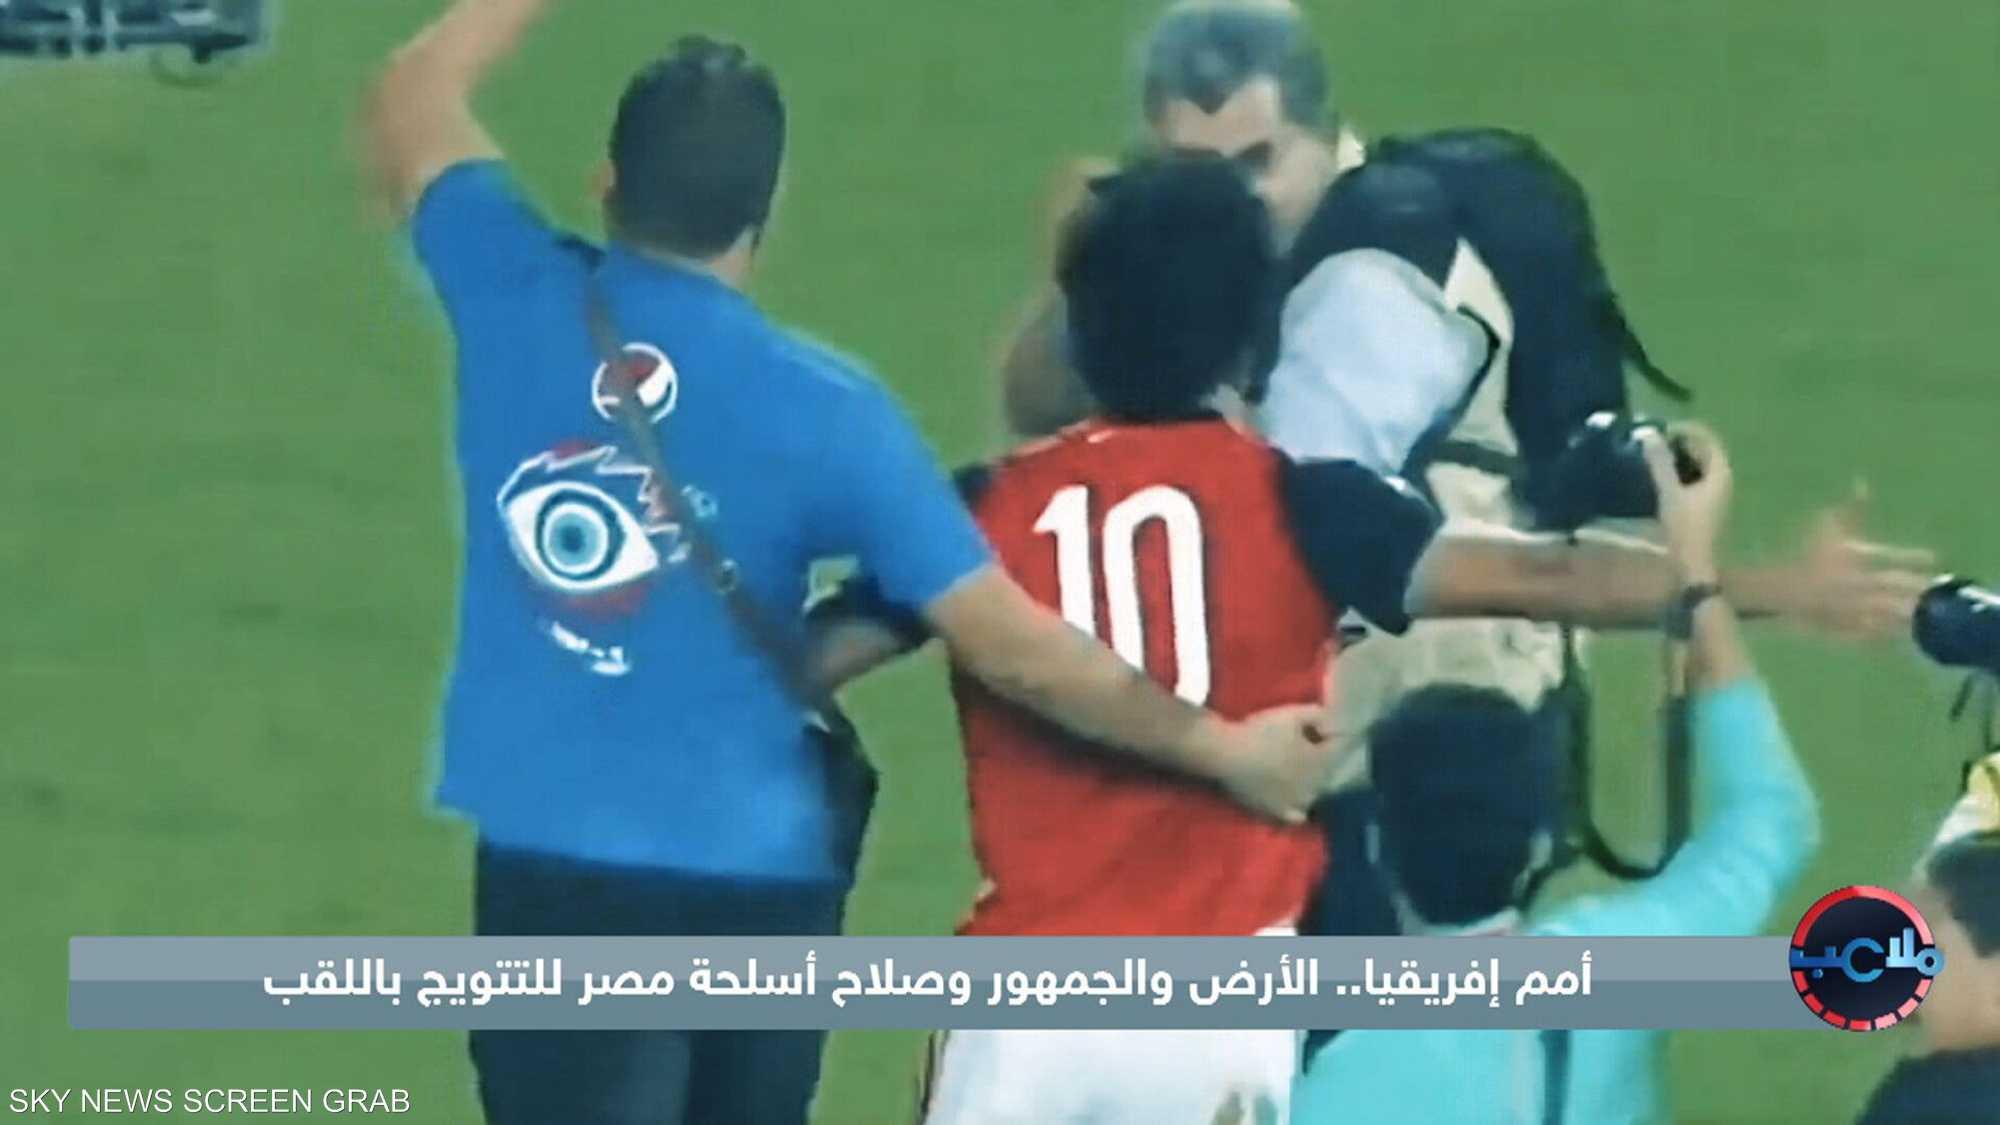 أمم إفريقيا.. الأرض والجمهور وصلاح أسلحة مصر للتتويج